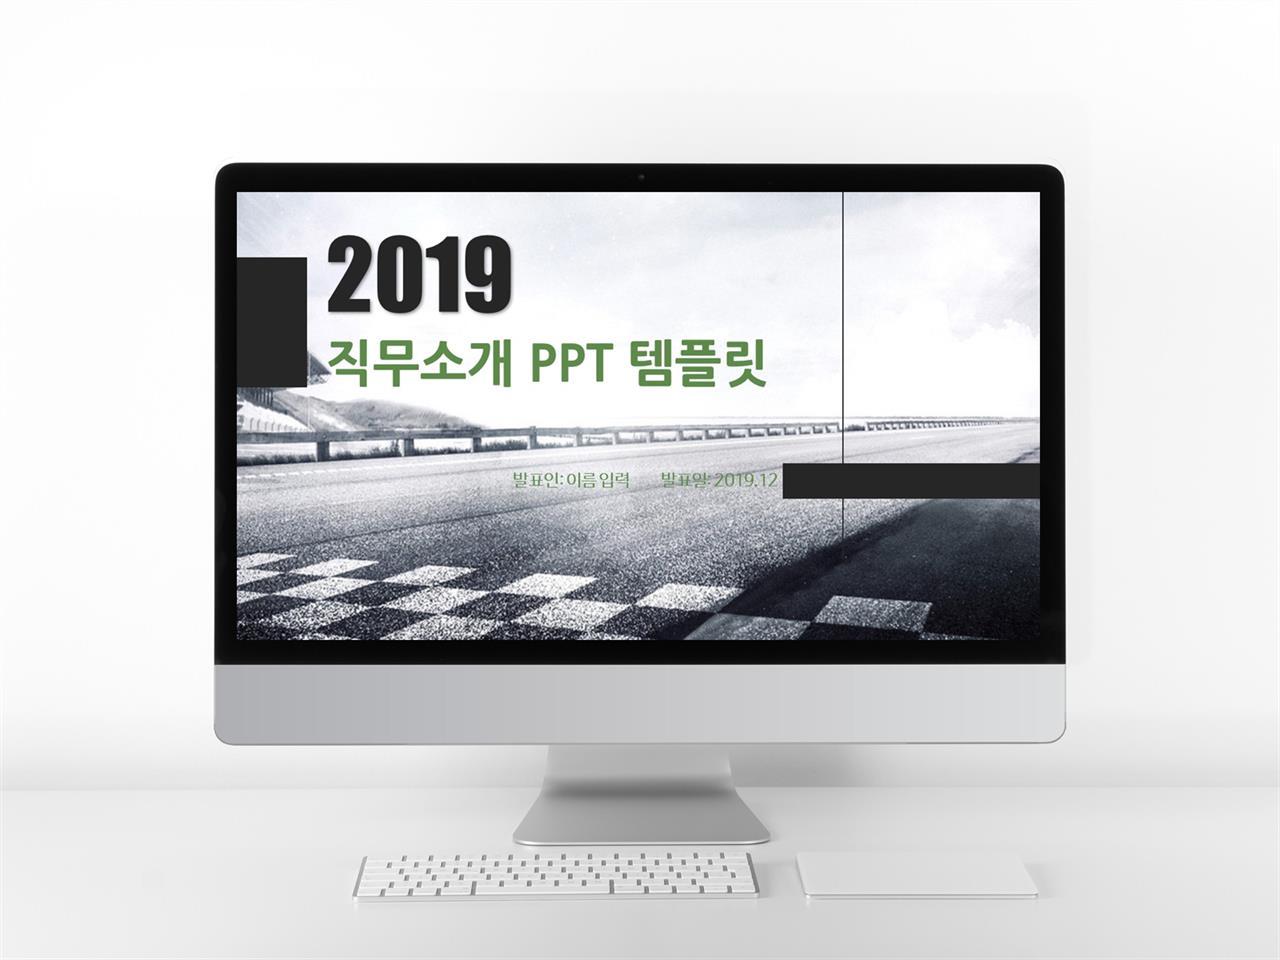 업무프로세스 검은색 스타일 나는 고퀄리티 POWERPOINT샘플 제작 미리보기